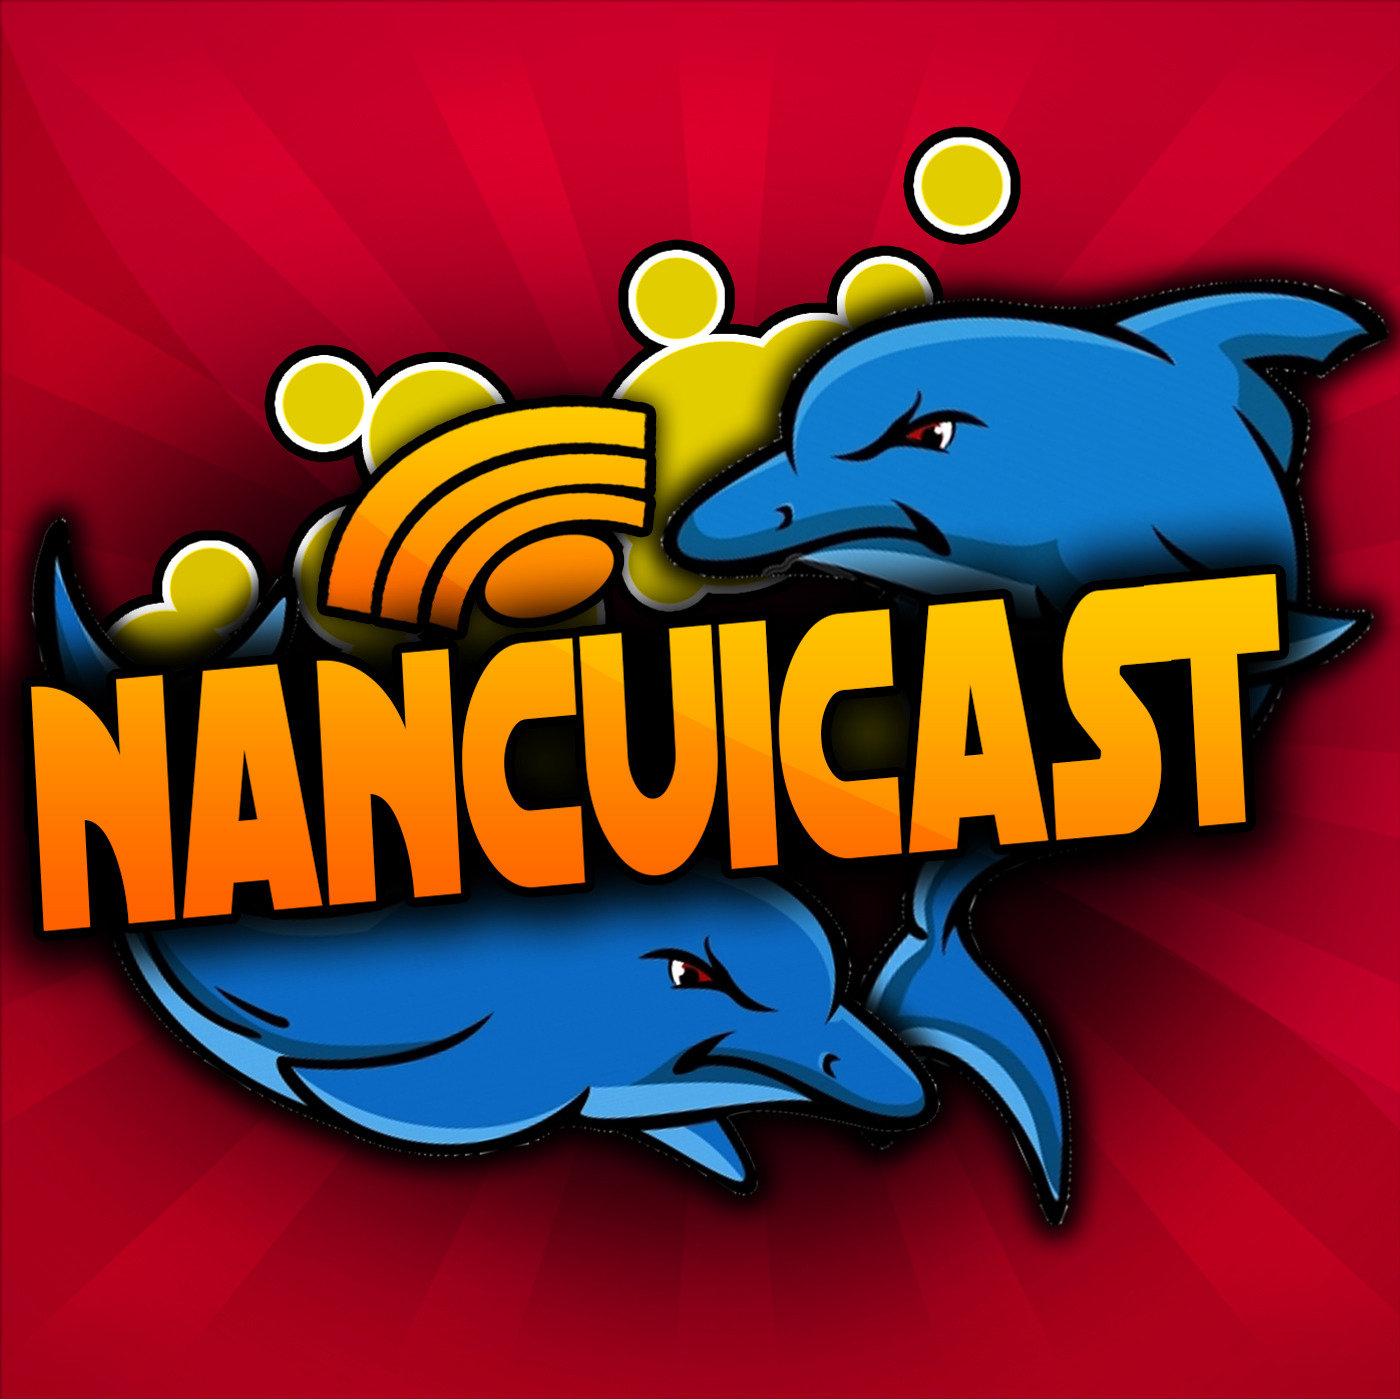 <![CDATA[Nancuicast]]>